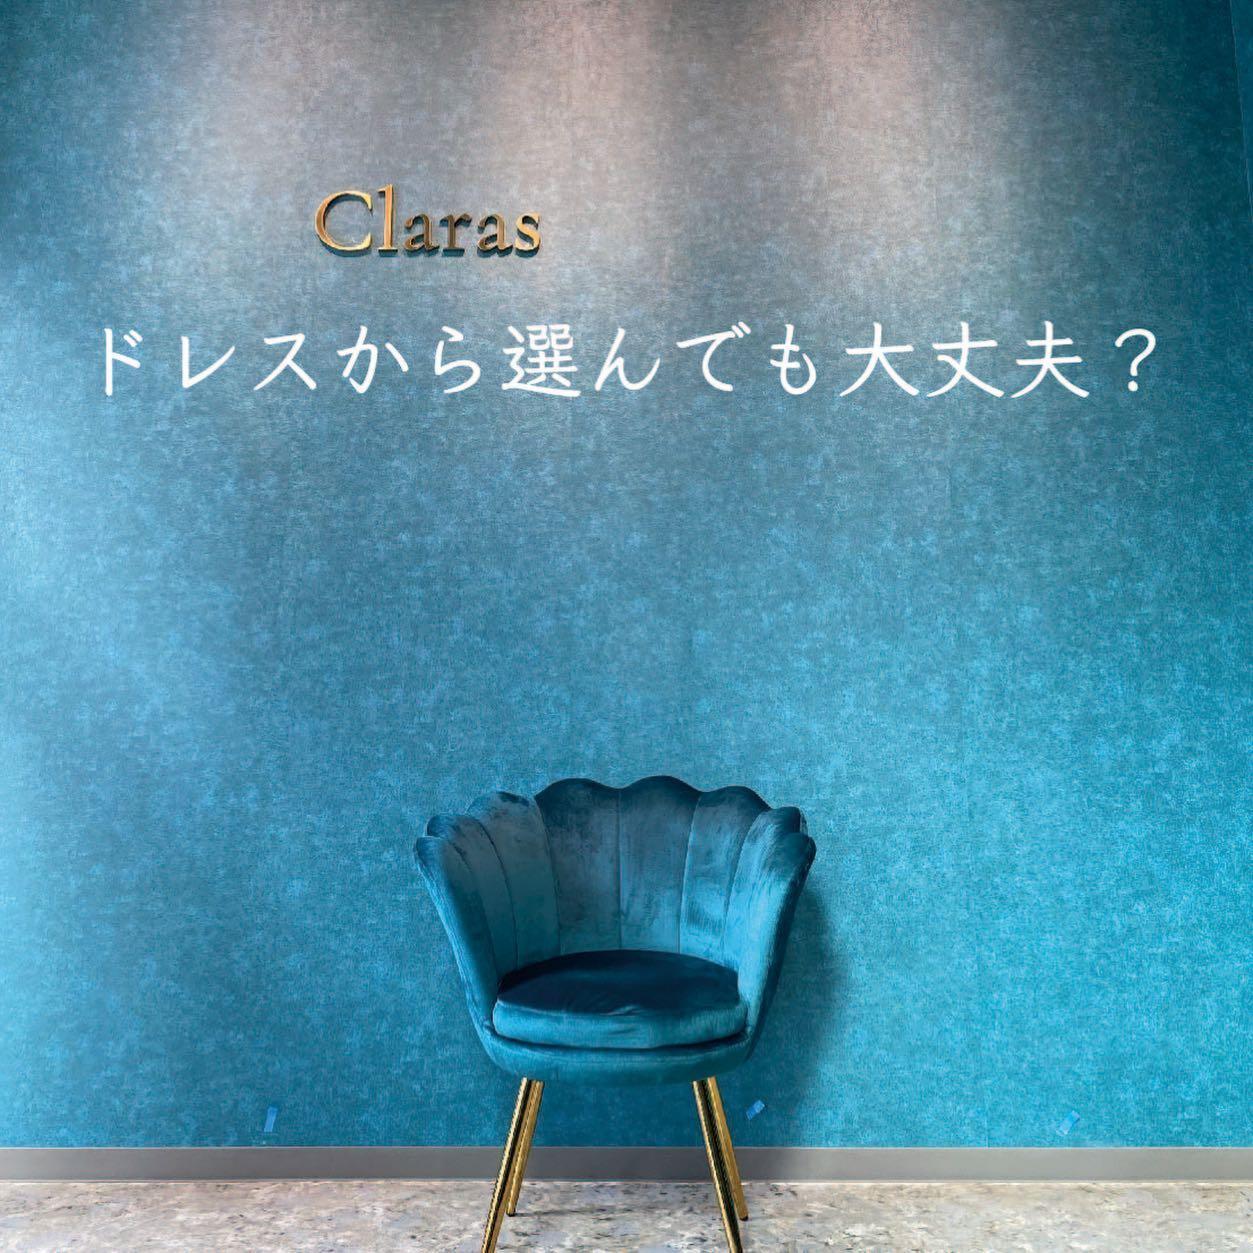 """🕊結婚が決まったらClarasへ🕊・OpenしたばかりのClarasですがご予約もすでにいただいております色々お悩みのかた一度ぜひお越しください結婚準備の新しい価値をわたしたちは発信しますご予約はDMからでも承れます・New Normal Wedding Salon""""Claras""""https://claras.jp/・about """"Claras""""…(ラテン語で、明るい·輝く)As(明日· 未来, フランス語て最高、一番) ・明るく輝く明日(未来) に貢献したいという想いを込めています🕊Fashionの都Parisをはじめ、欧米から選りすぐりのドレスをこれから出逢う花嫁のために取揃えました・2021.3.7 (Sun)NEW OPEN・Dressから始まるWedding Story""""憧れていた Dress選びから始まる結婚準備があったっていい""""・さまざまな新しい「価値」を創造し発信していきますこれからの新しい Wedding の常識を""""Claras """"から🕊・New Normal Wedding Salon【Claras】〒107-0061 東京都港区北青山2-9-14SISTER Bldg 1F(101) 東京メトロ銀座線 外苑前駅3番出ロより徒歩2分Tel:03 6910 5163HP: https://claras.jp営業時間:平日 12:00-18:00 土日祝11:00-18:00(定休日:月・火)・#wedding #weddingdress #legeretes #claras #paris #vowrenewal#ウェディングドレス #プレ花嫁 #ドレス試着 #2021春婚 #2021夏婚 #2021冬婚 #ヘアメイク #結婚式  #ドレス選び #前撮り #後撮り #フォトウェディング #ウェディングヘア  #フォト婚 #前撮り写真 #ブライダルフォト #カップルフォト #ウェディングドレス探し #ウェディングドレス試着 #レンタルドレス #ドレスショップ #家族婚 #バウリニューアル #記念日婚"""